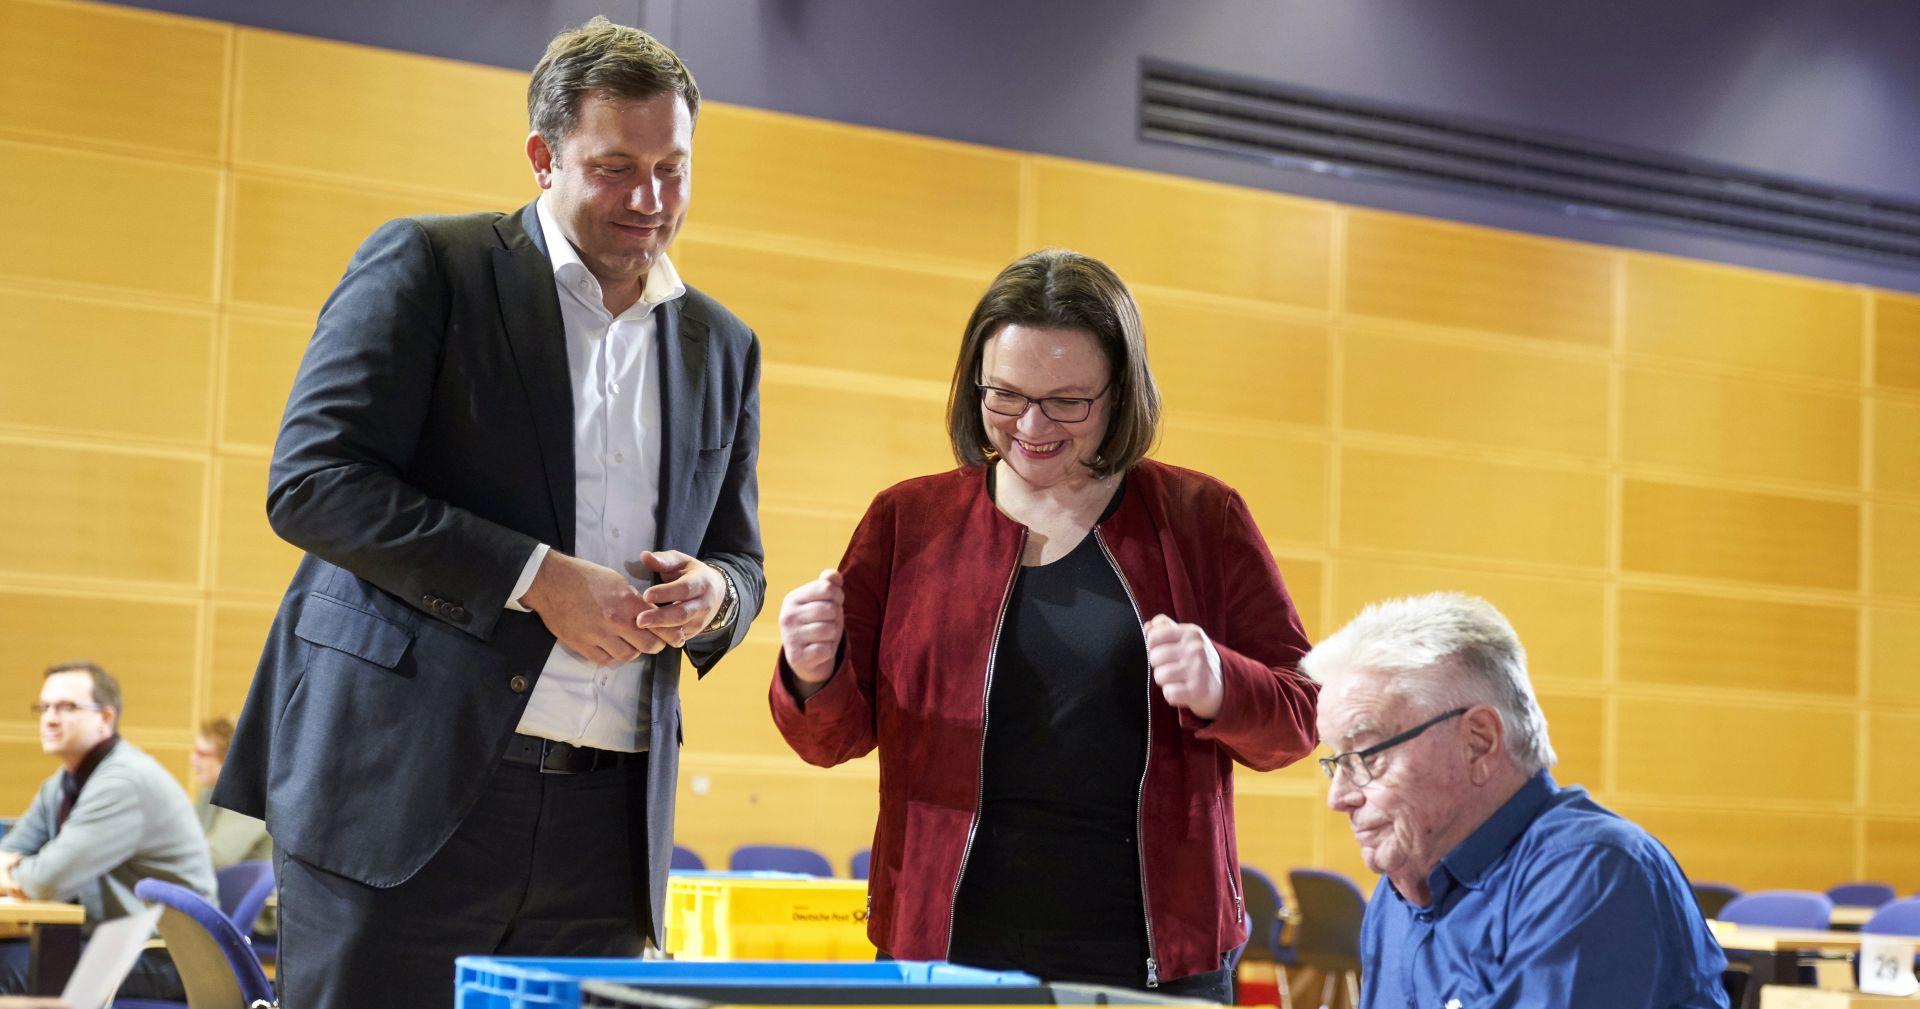 SPD dao zeleno svjetlo koaliciji s demokršćanima